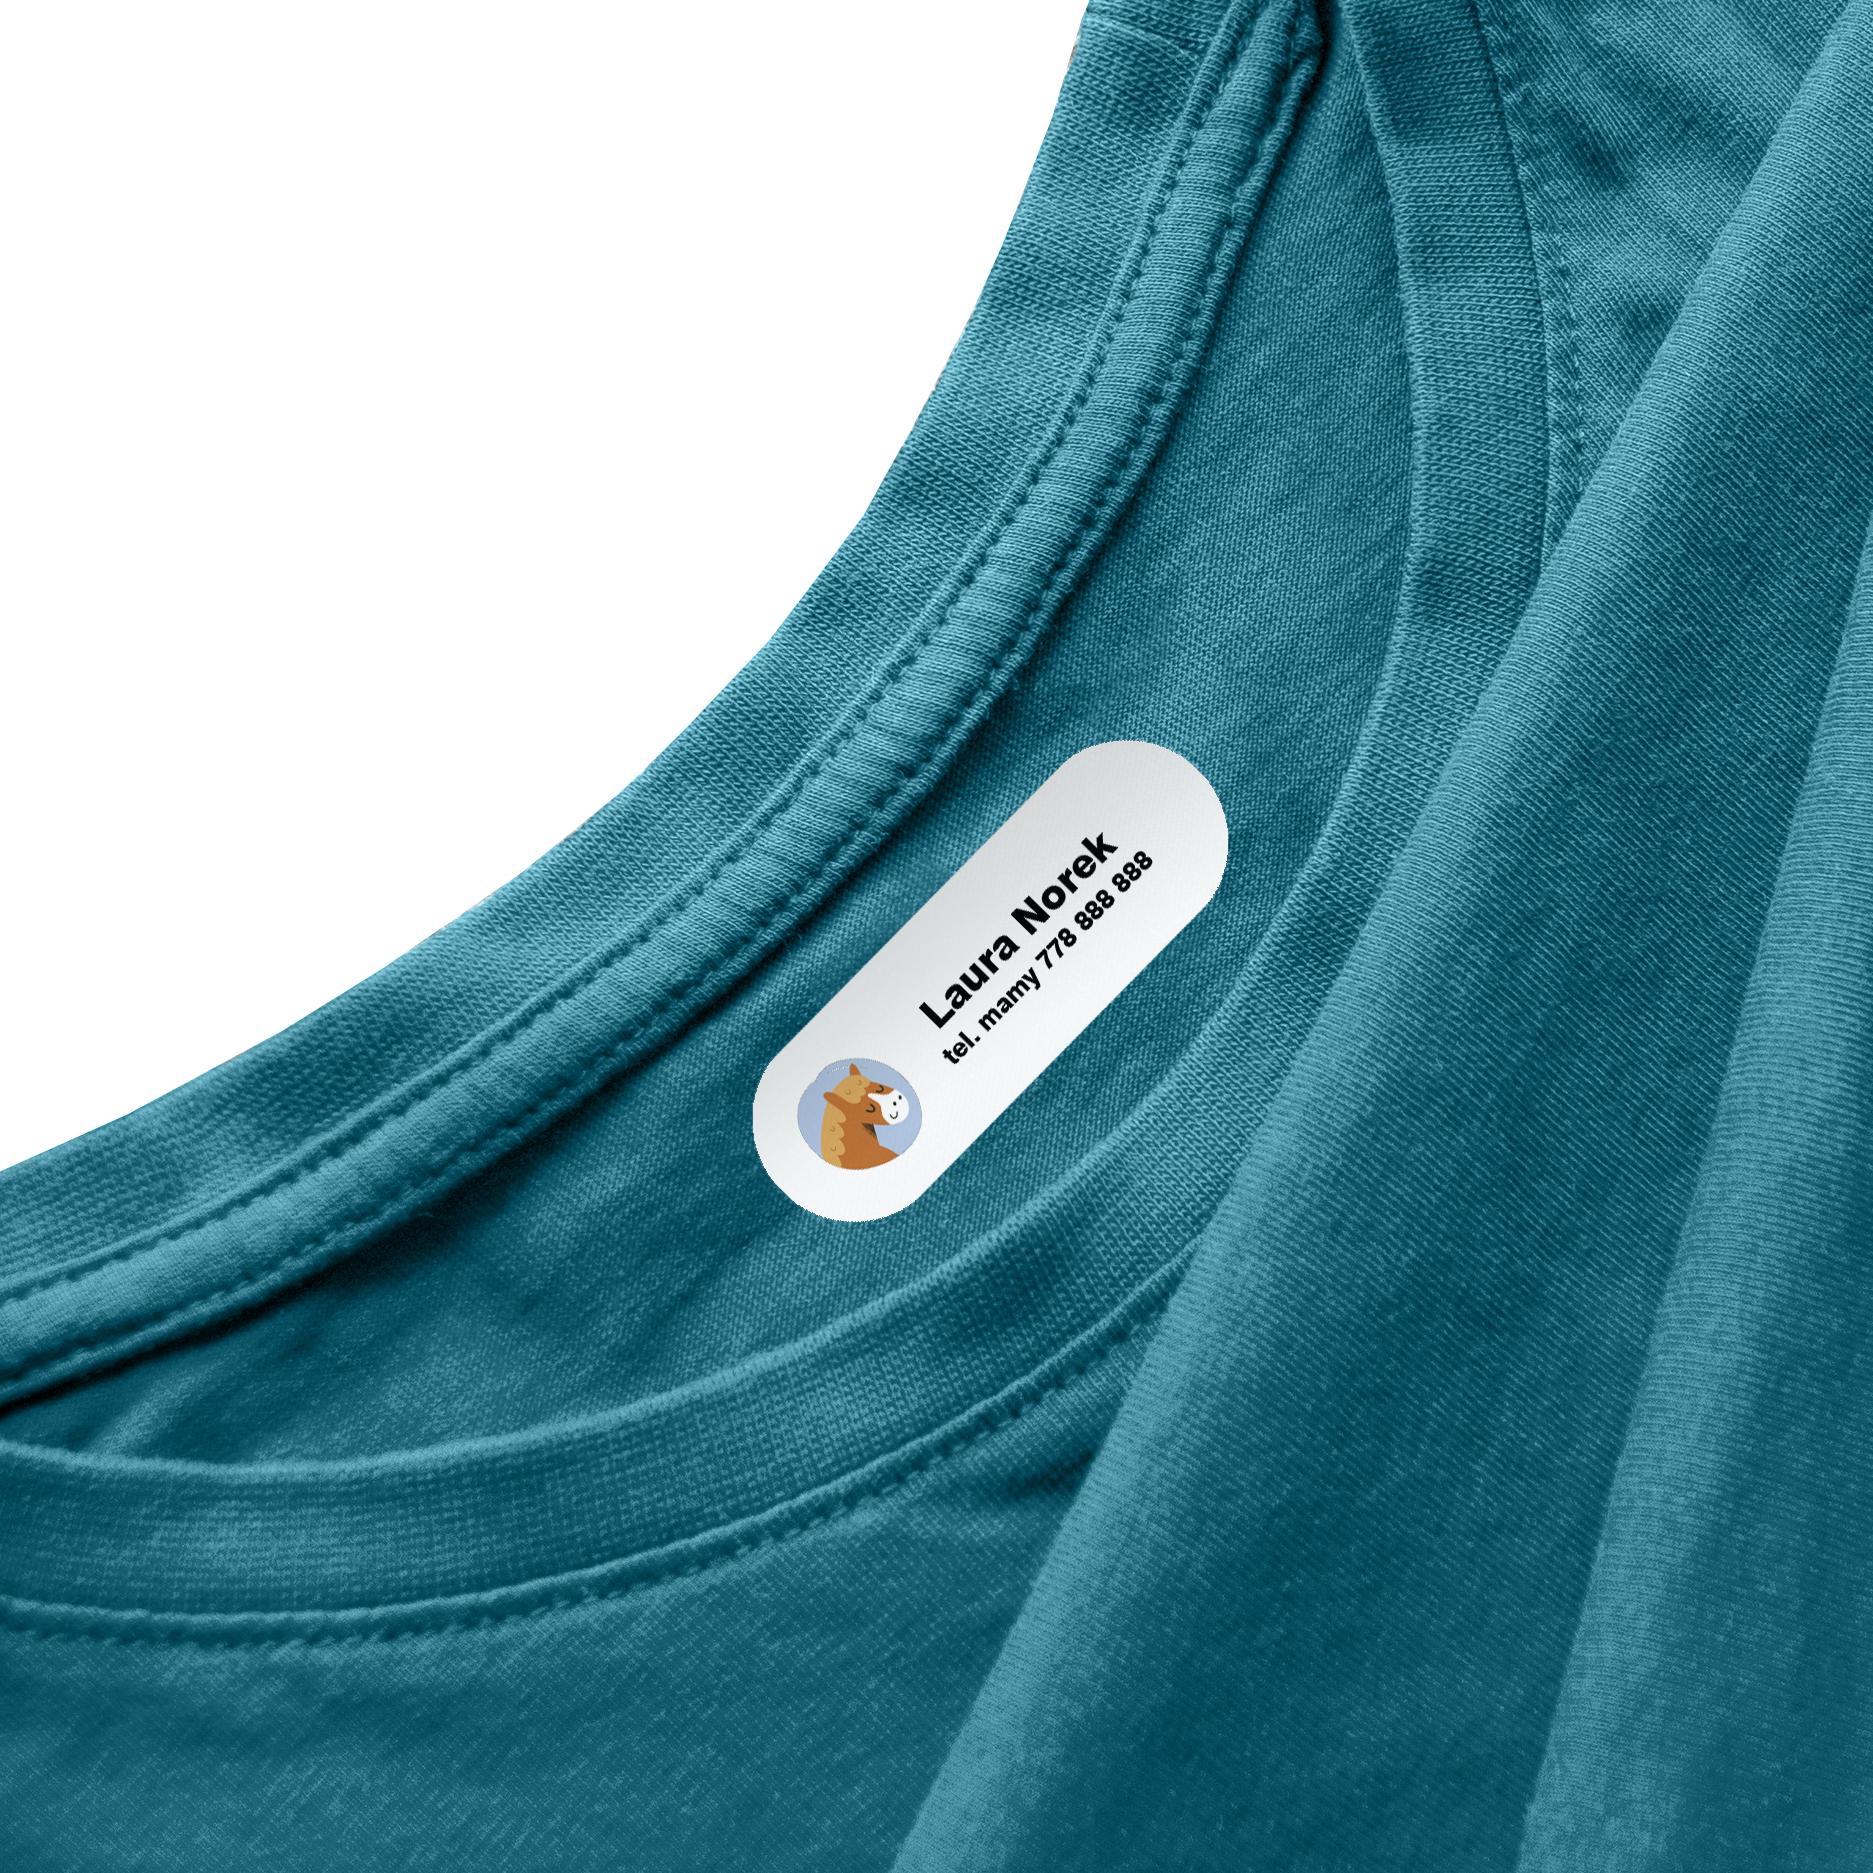 Naprasowanki na ubrania naprasowanka imienna metki dla dziecka konik